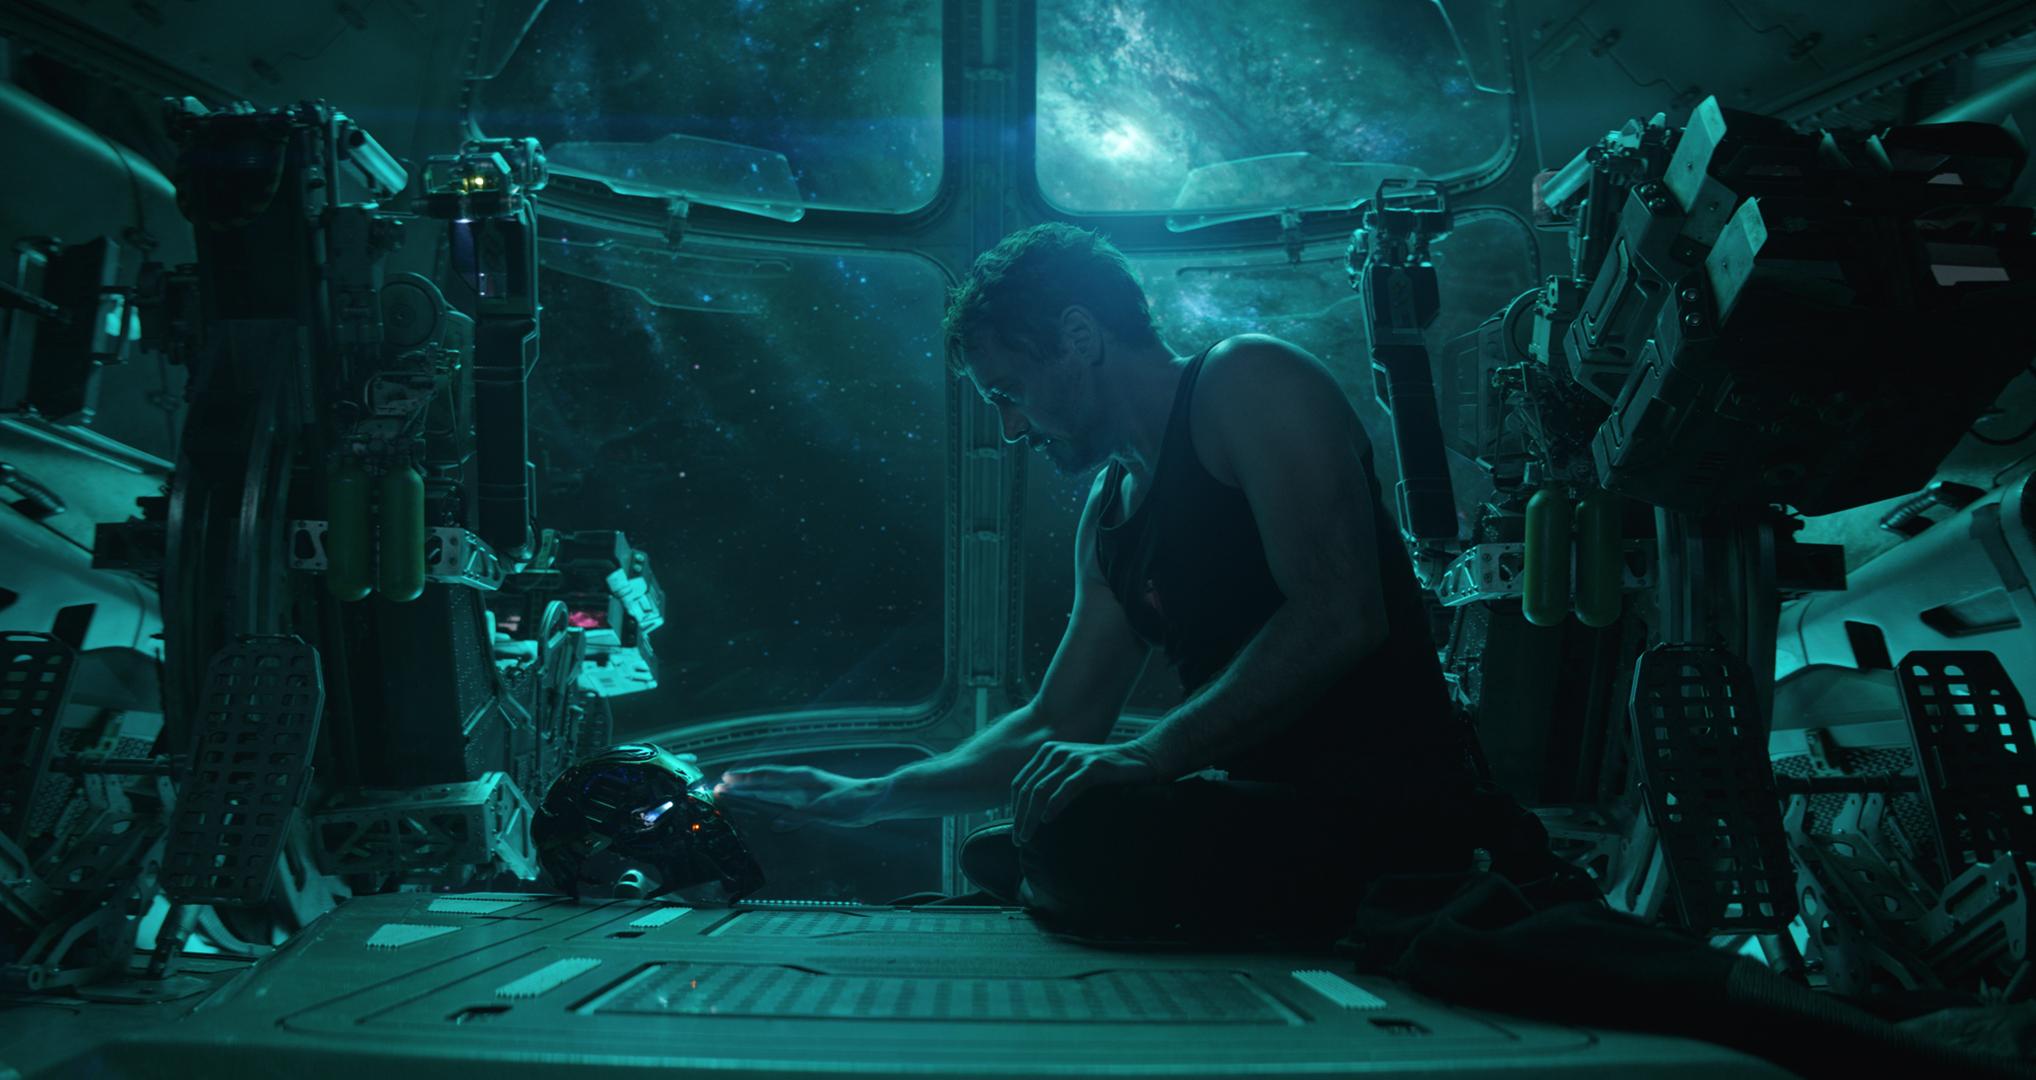 La fine di tutto in Avengers: Endgame